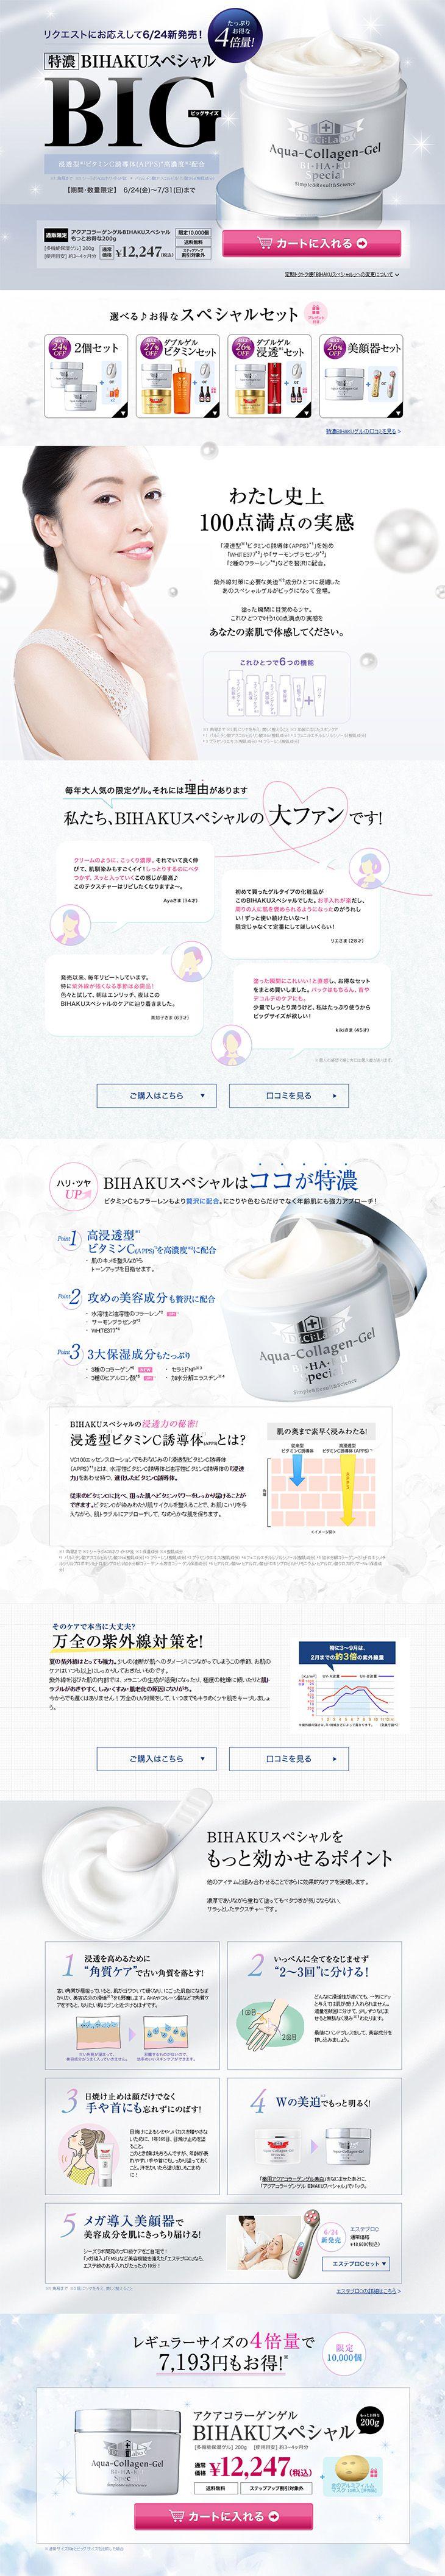 ランディングページ LP 特濃BIHAKUビッグサイズ|スキンケア・美容商品|自社サイト